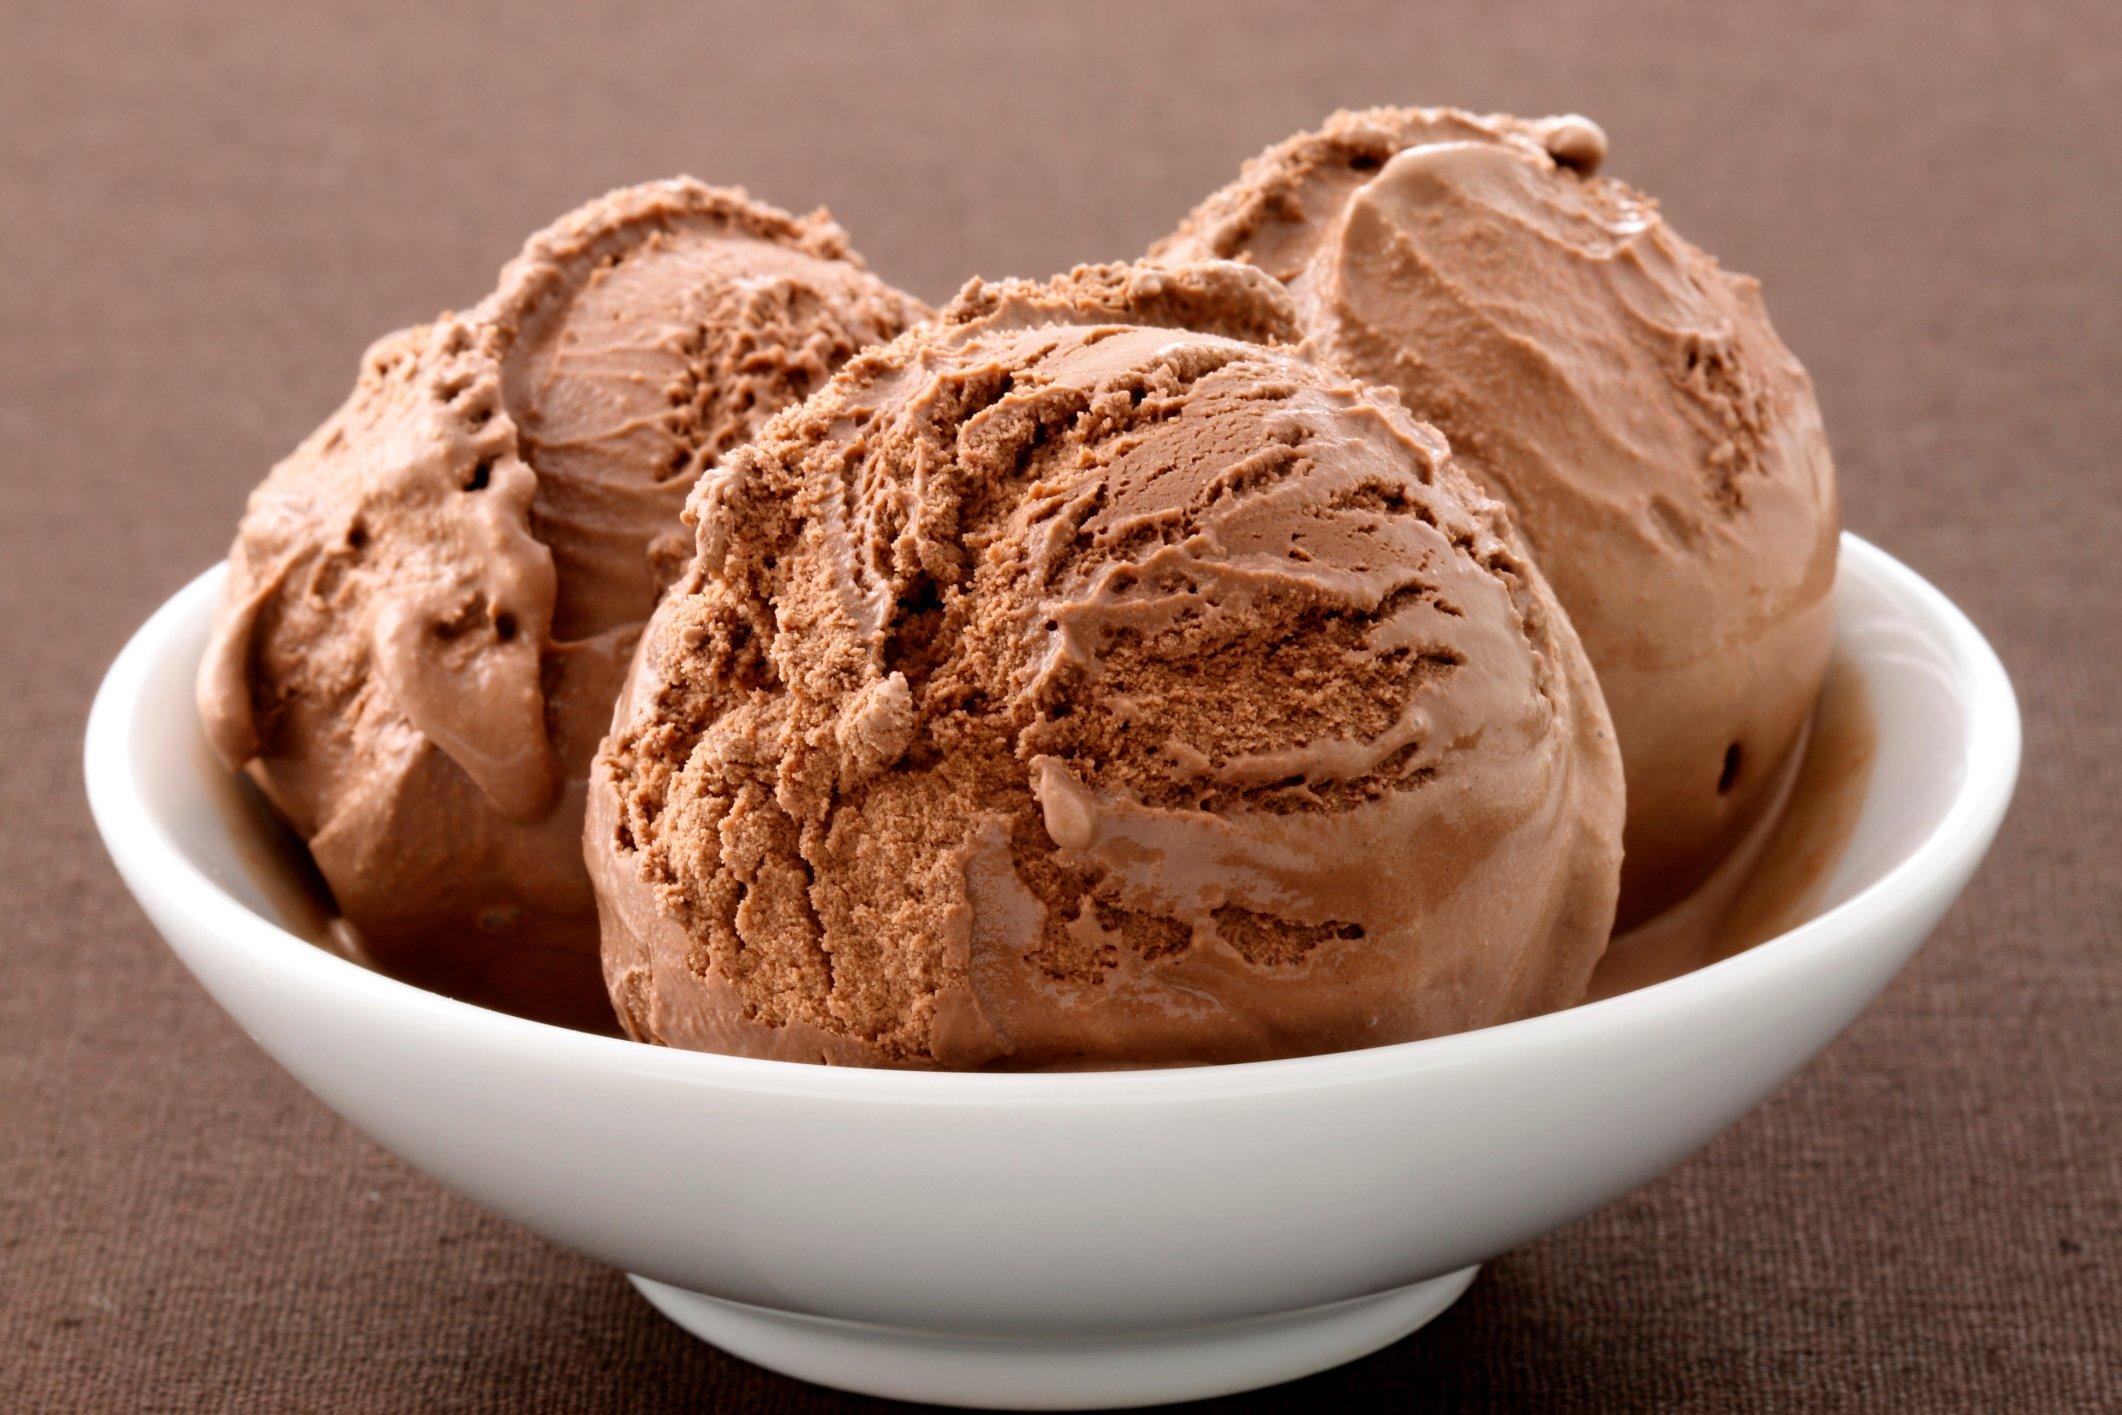 come fare il gelato a casa in meno di 10 minuti